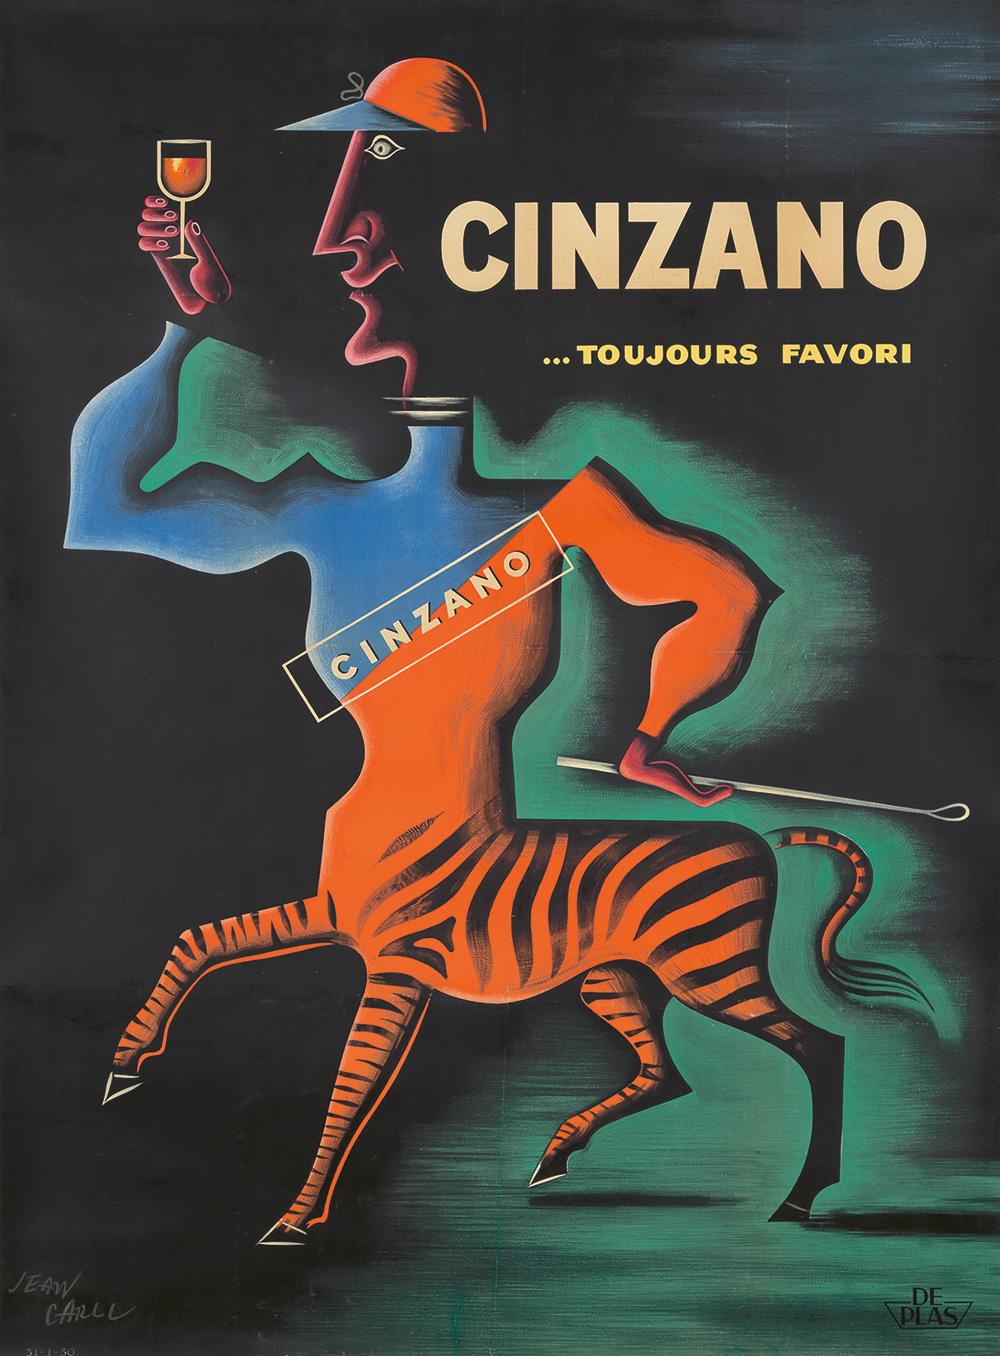 239. Cinzano. 1950.